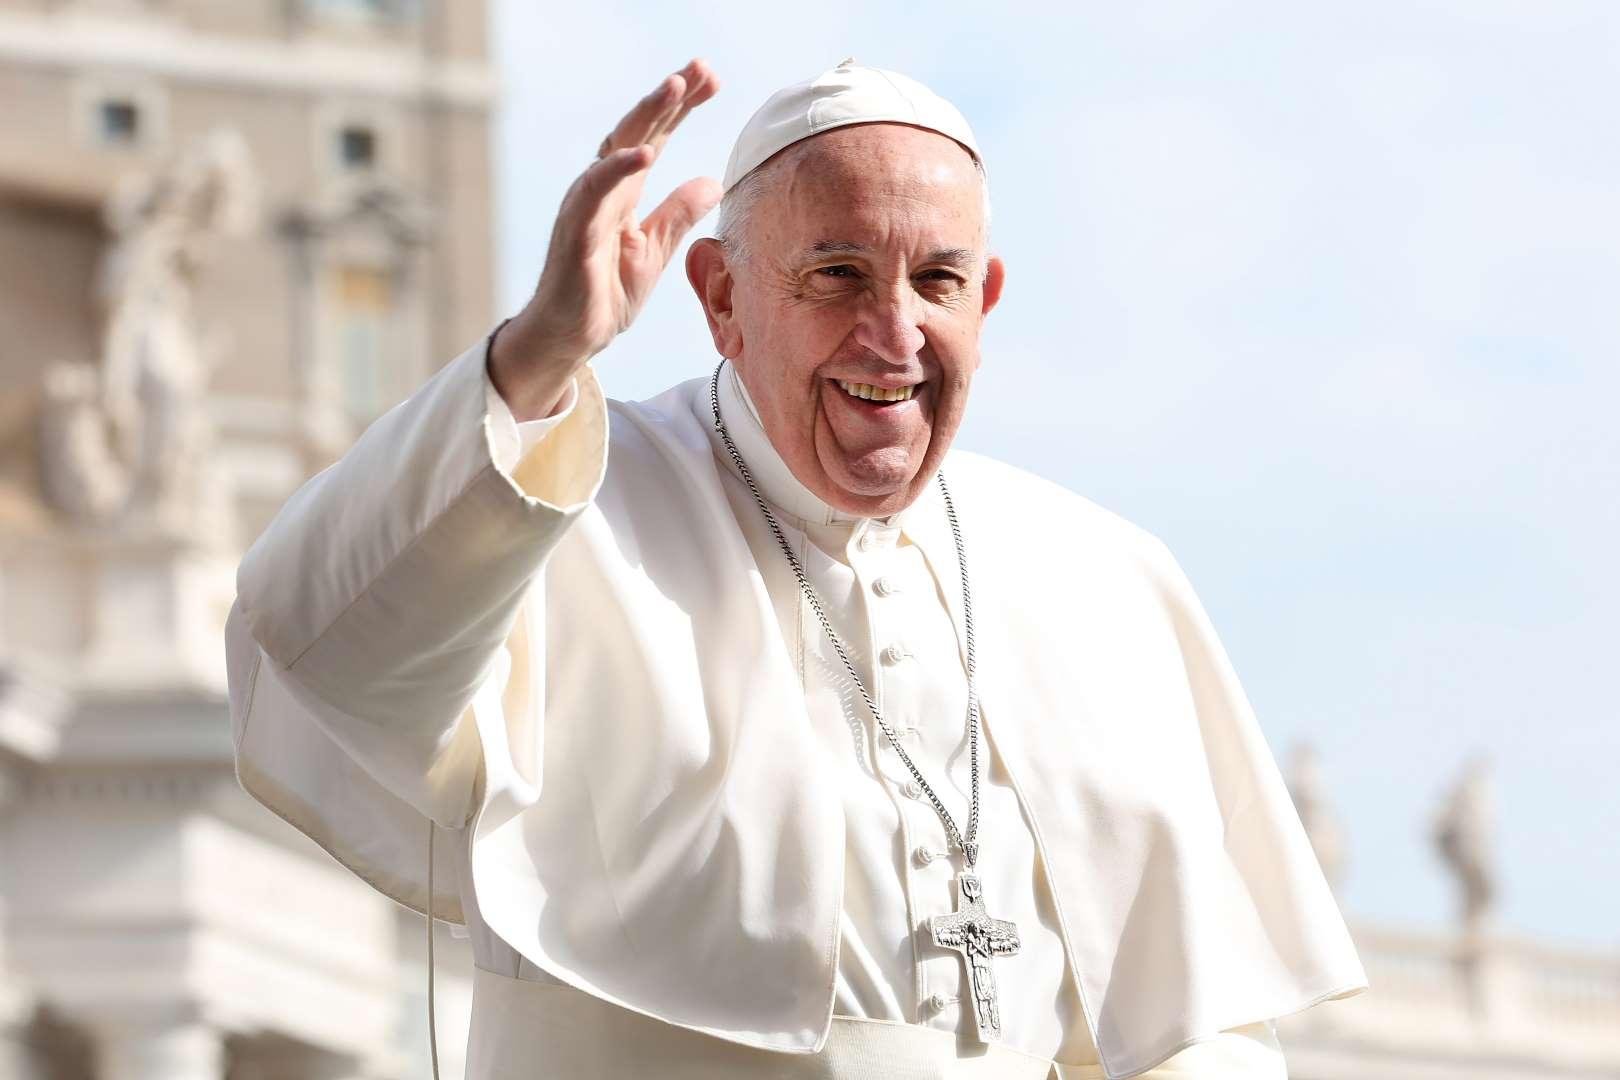 El papa compara con Hitler a políticos que atacan a homosexuales, judíos o gitanos